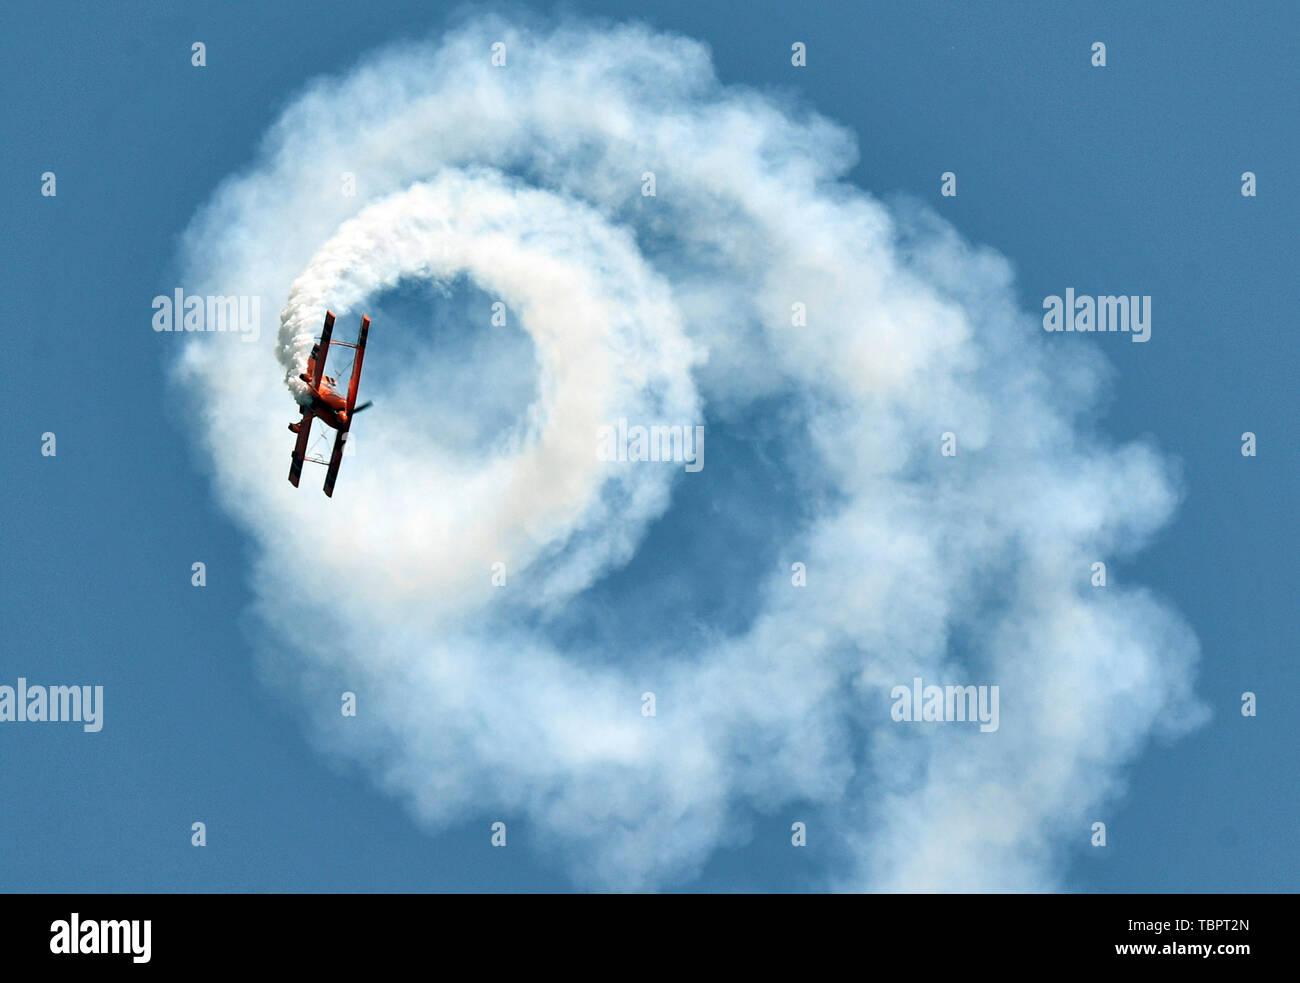 Anyang, province du Henan en Chine. 3 juin, 2019. Un passionné de sports de l'air donne un spectacle d'acrobaties aériennes au cours de l'ouverture de la 11e Sports de l'air Festival de la Culture et du tourisme à Anyang, province du Henan en Chine centrale, le 3 juin 2019. L'événement a débuté lundi dans la ville d'Anyang, attirer les amateurs de sports de l'air de la maison et à l'étranger. 22 Shangshan Road Crédit: Li/Xinhua/Alamy Live News Photo Stock